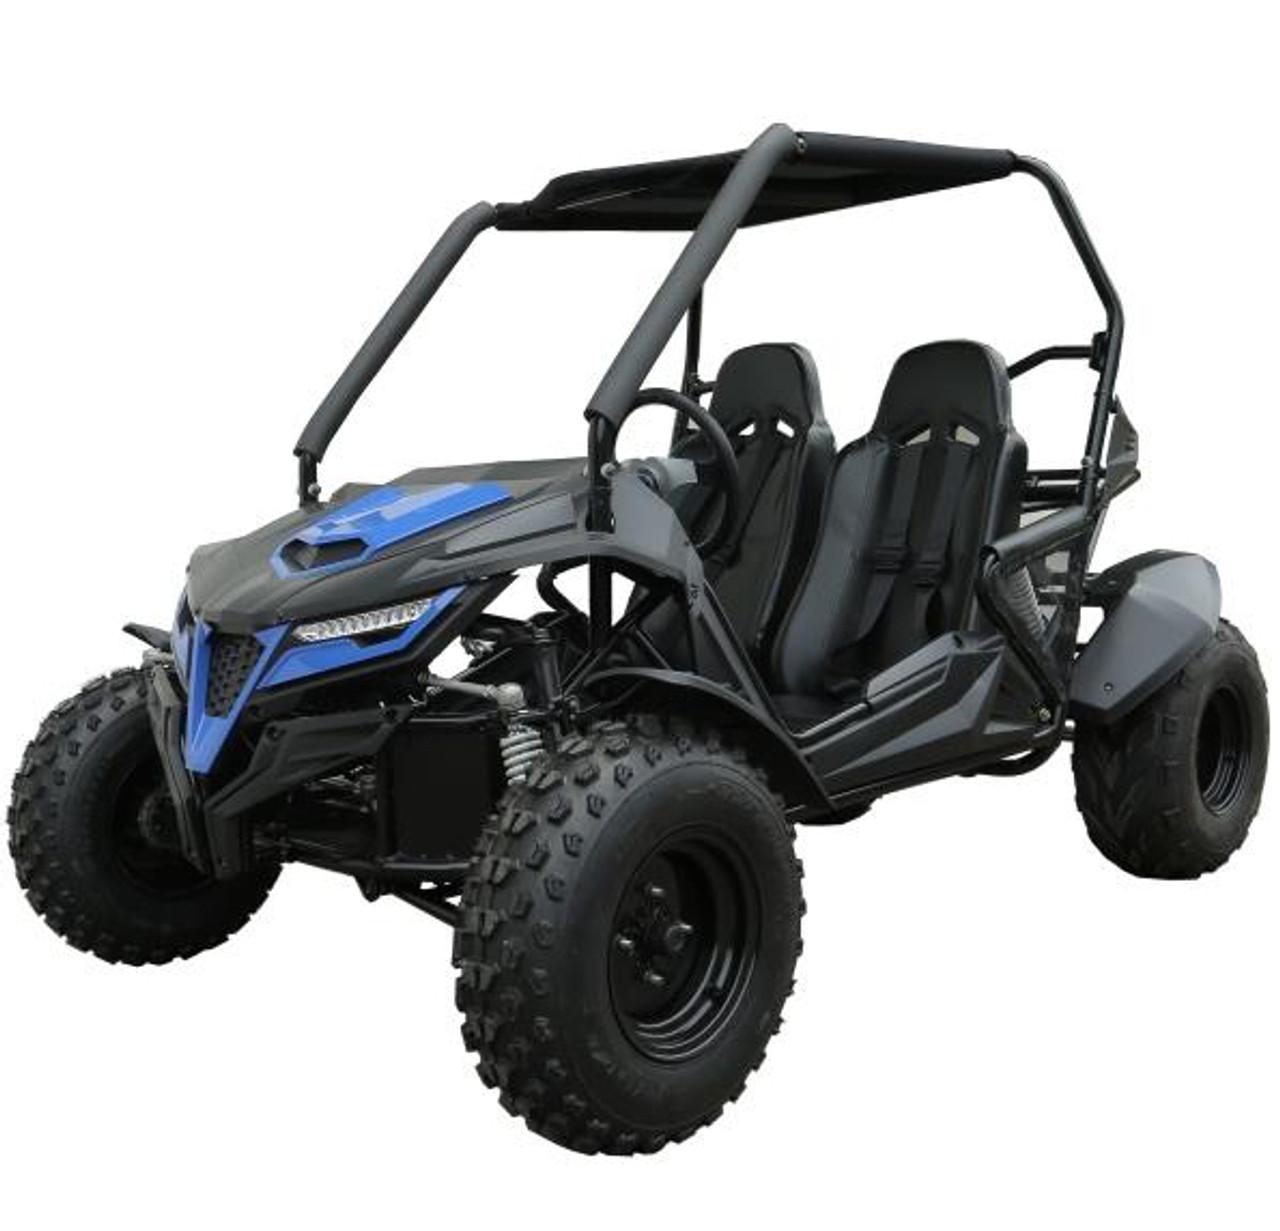 TrailMaster Cheetah 150 UTV/Go Kart